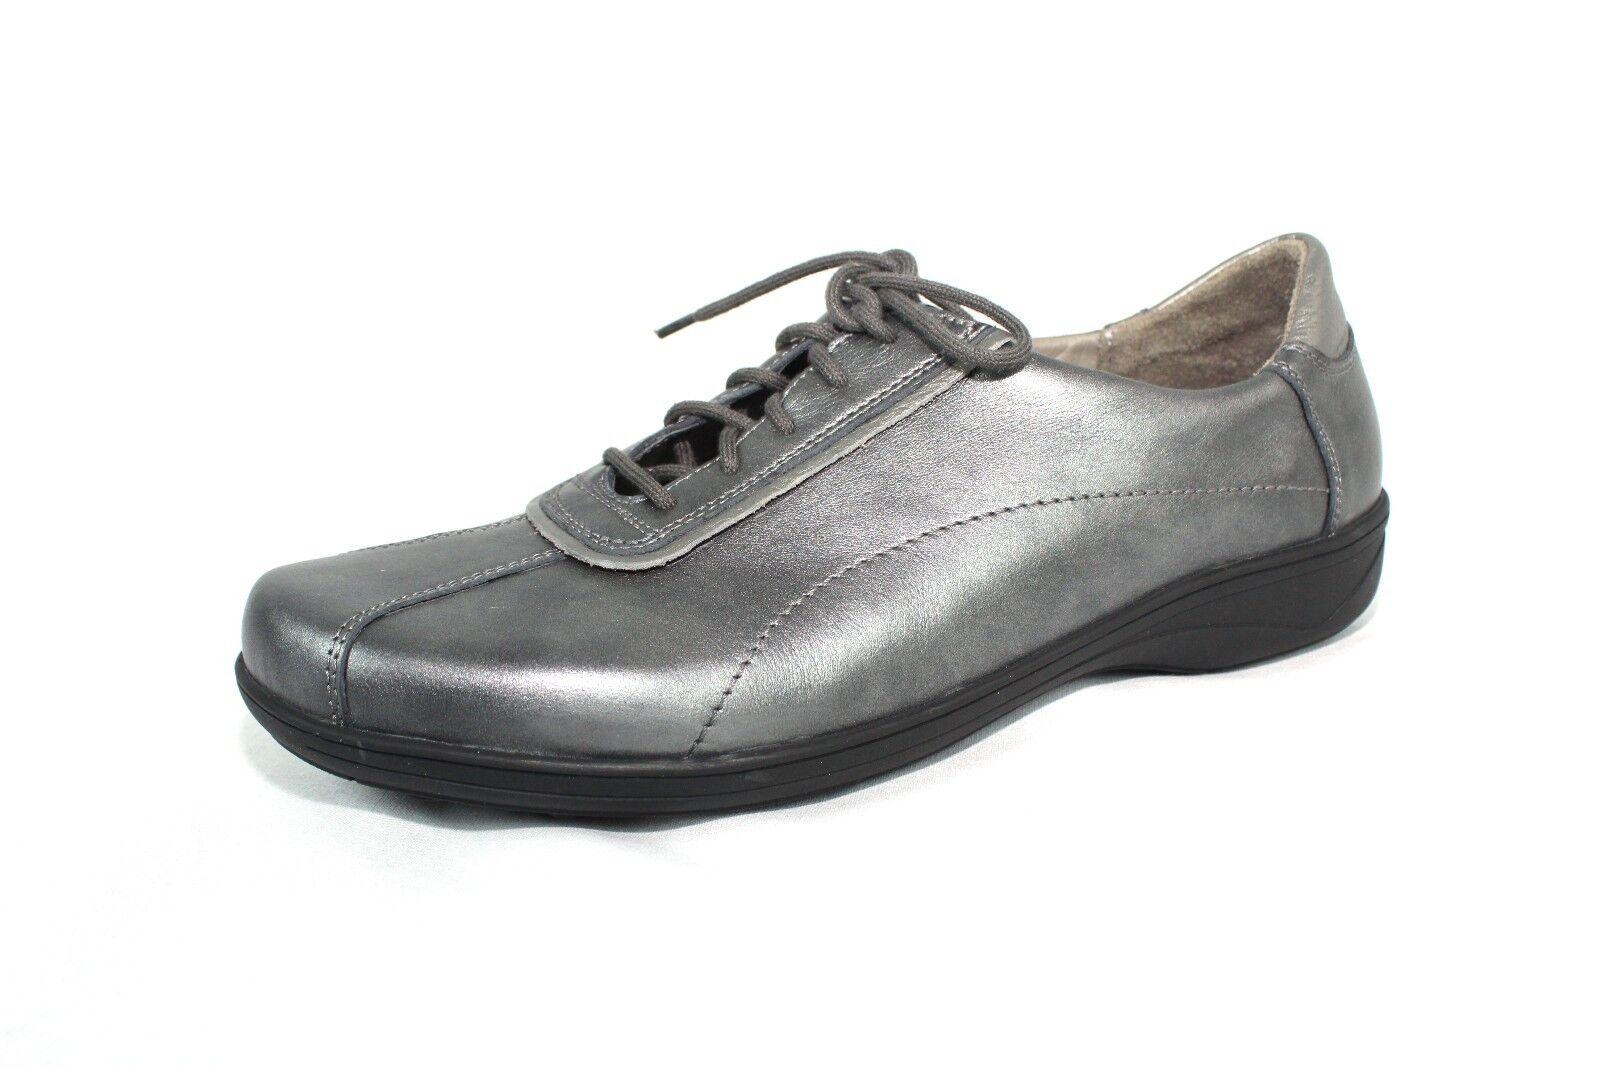 Bear zapatos Jenny mujer zapatos Talla 41,5 gris  209